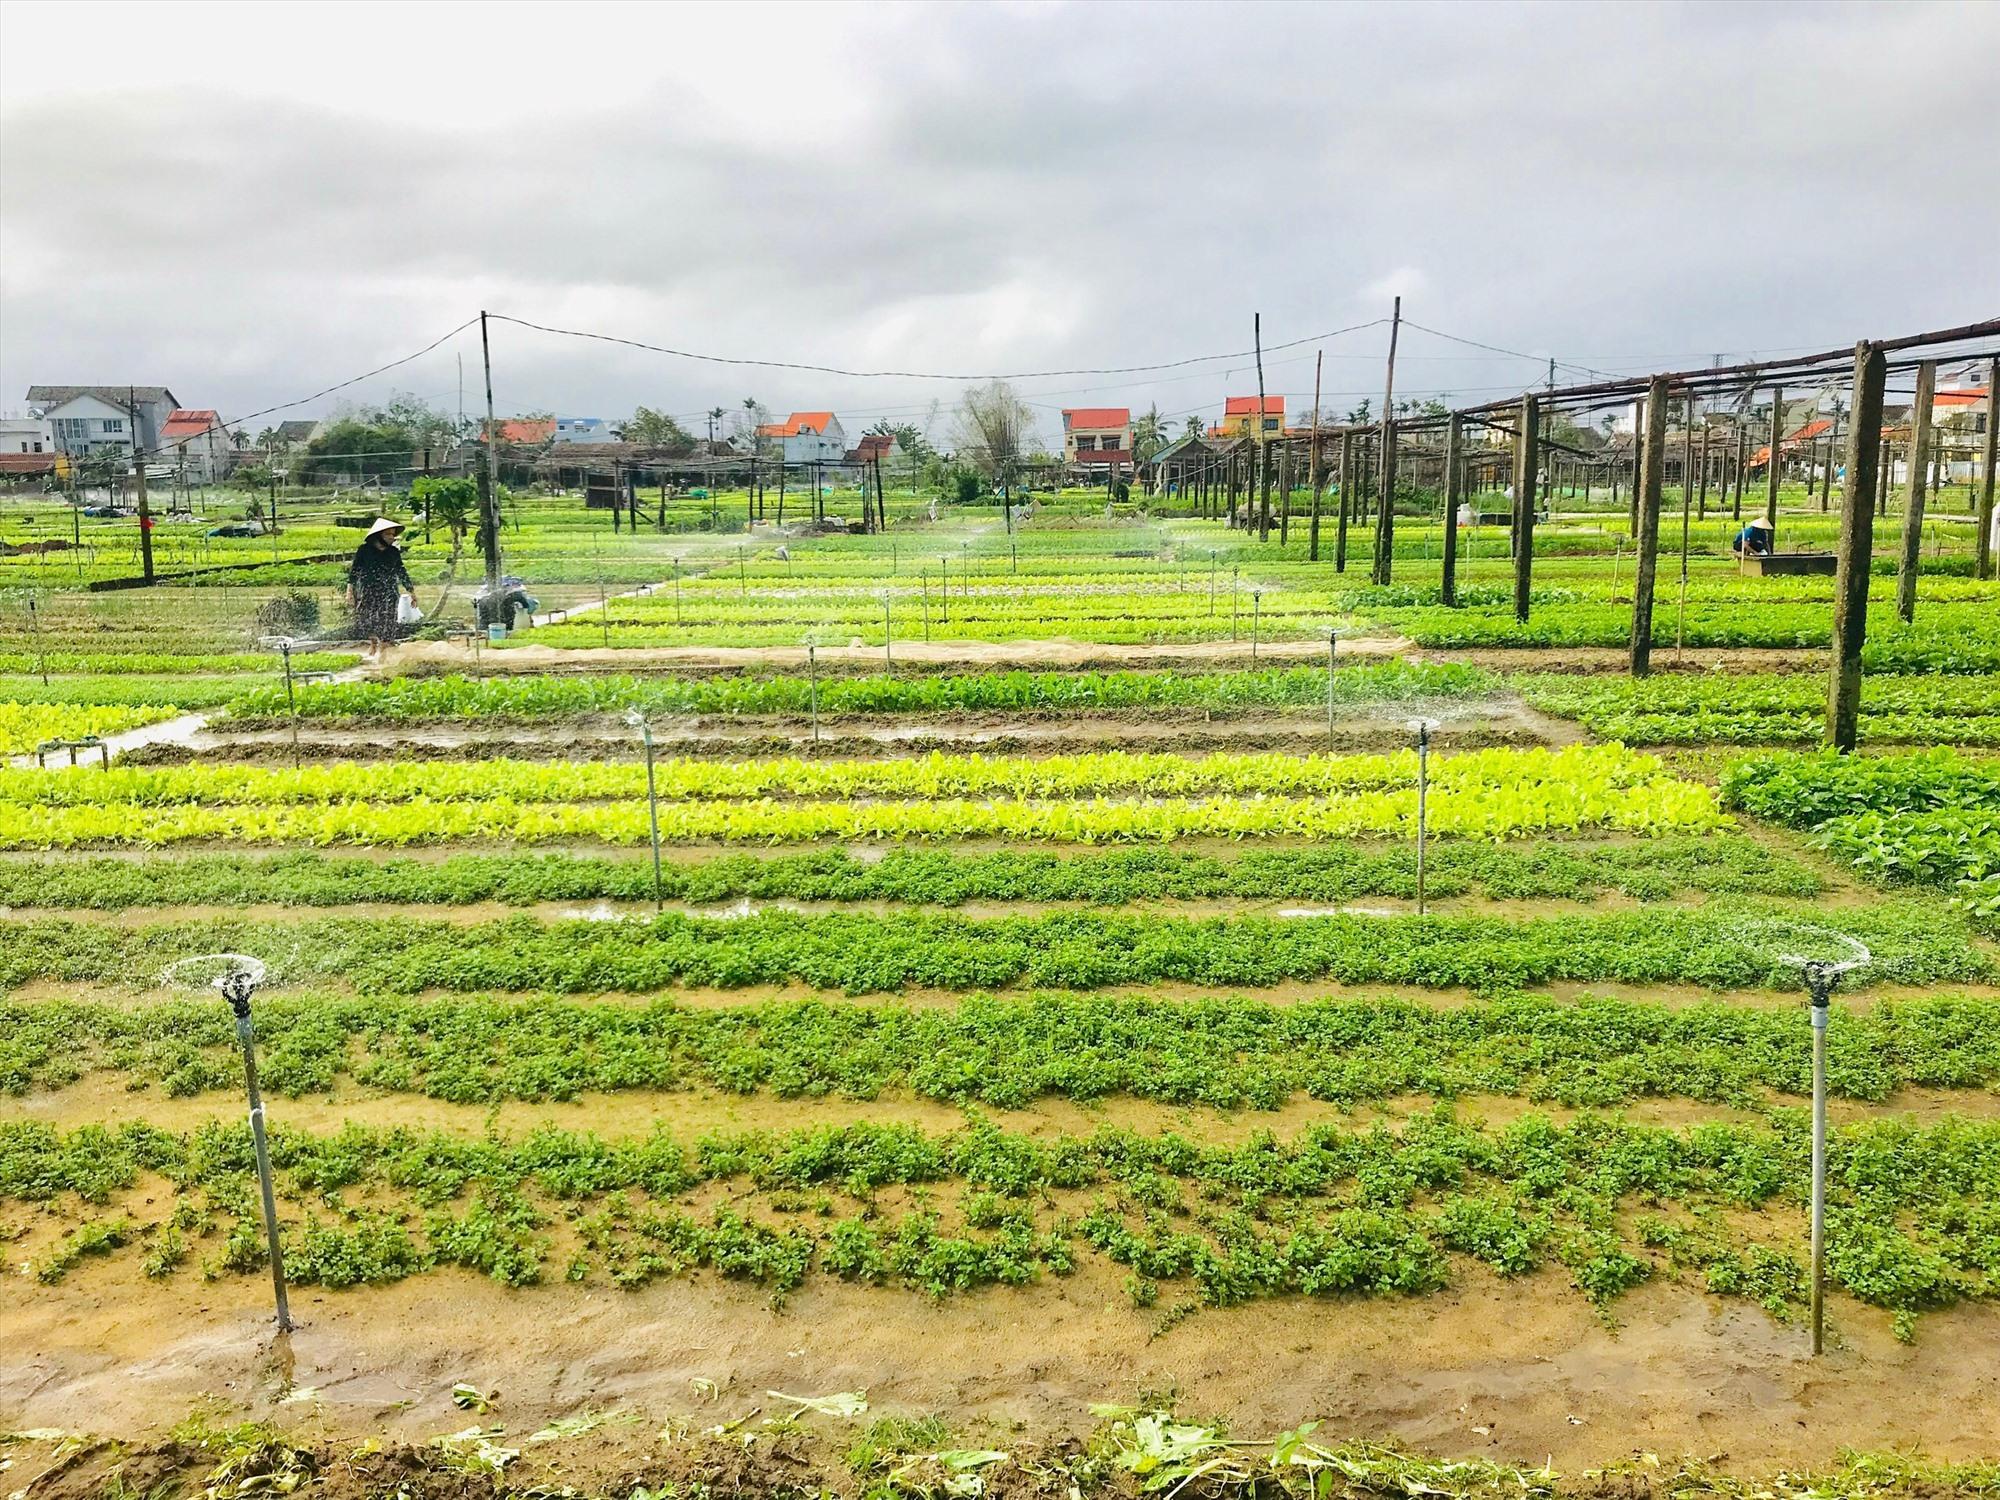 Sản phẩm ở làng rau Trà Quế có thể tạo ra nguồn thu từ nông nghiệp lẫn du lịch. Ảnh: Q.T